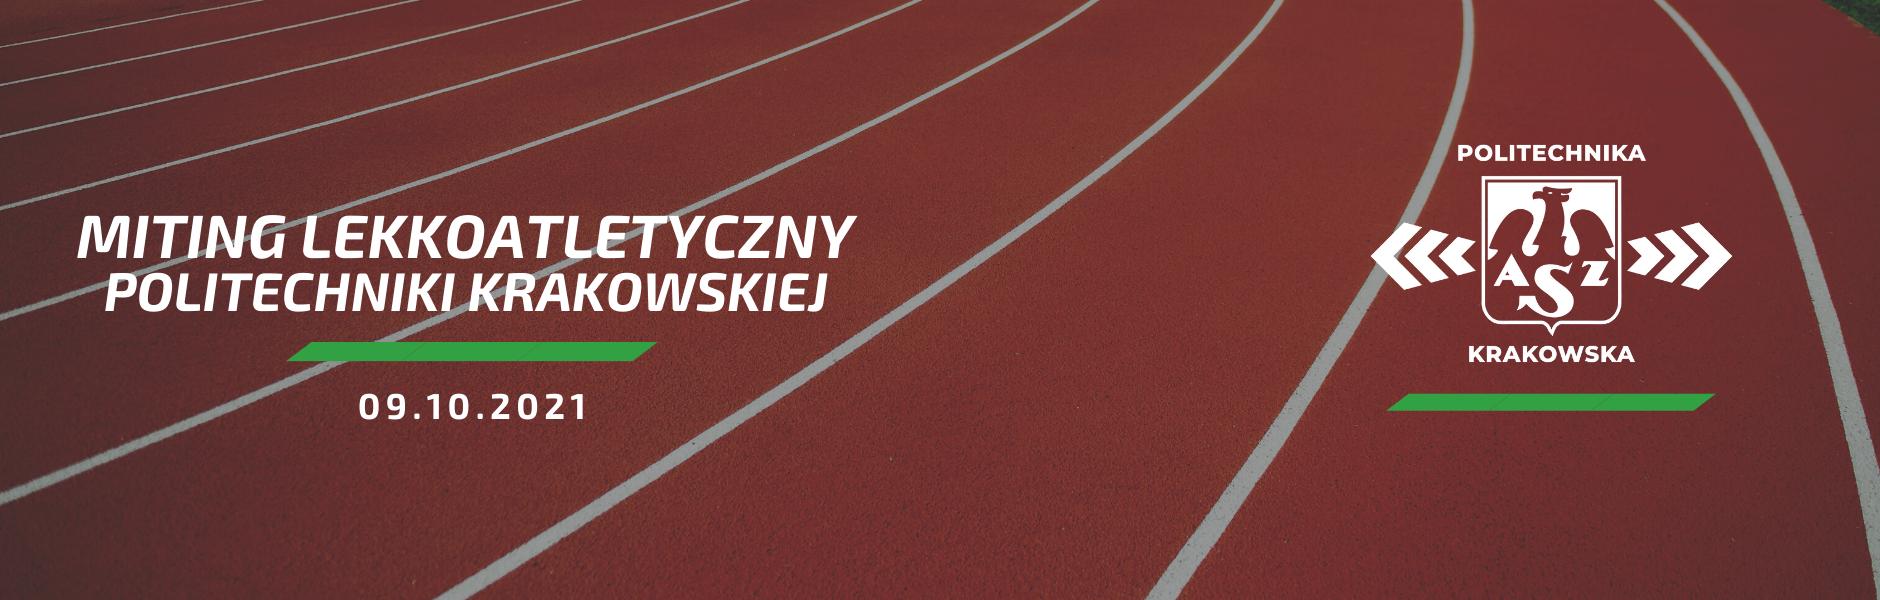 Baner Miting Lekkoatletyczny Politechniki Krakowskiej - 9.10.2021